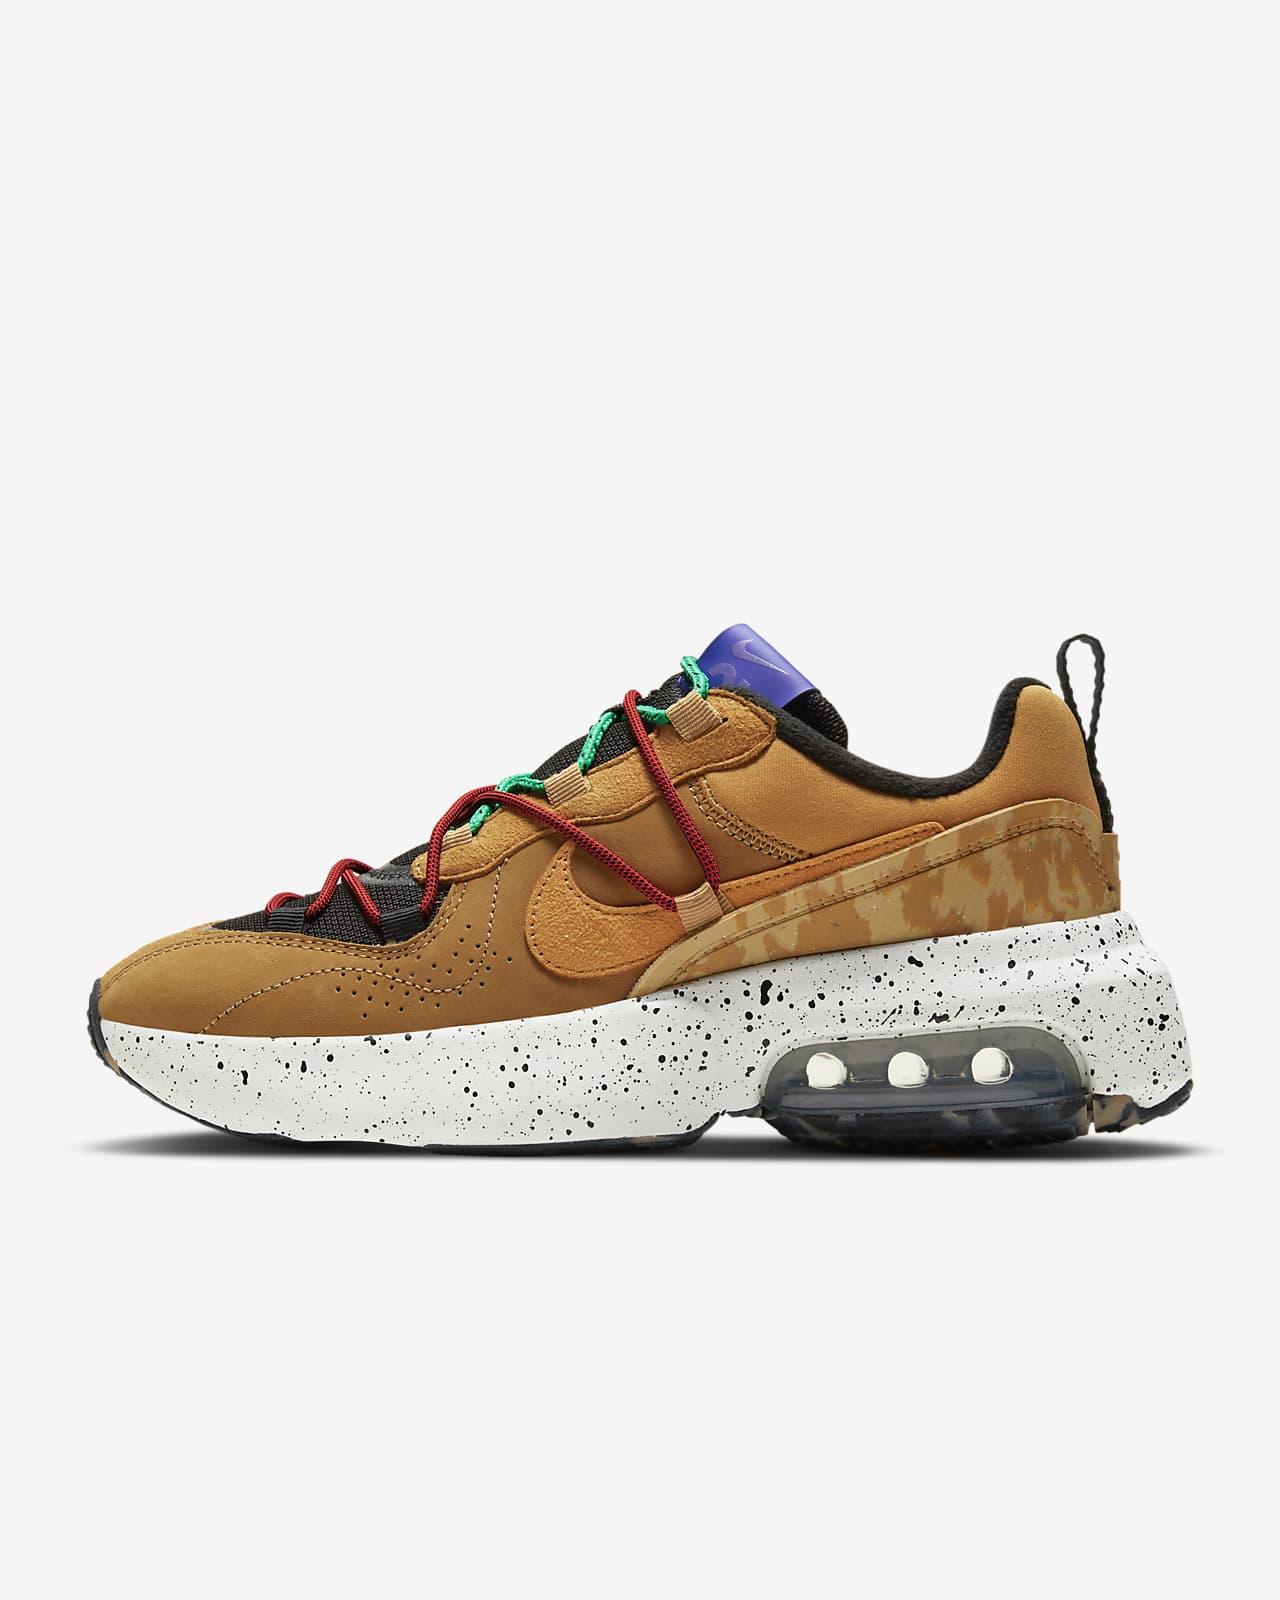 Γυναικείο παπούτσι Nike Air Max Viva